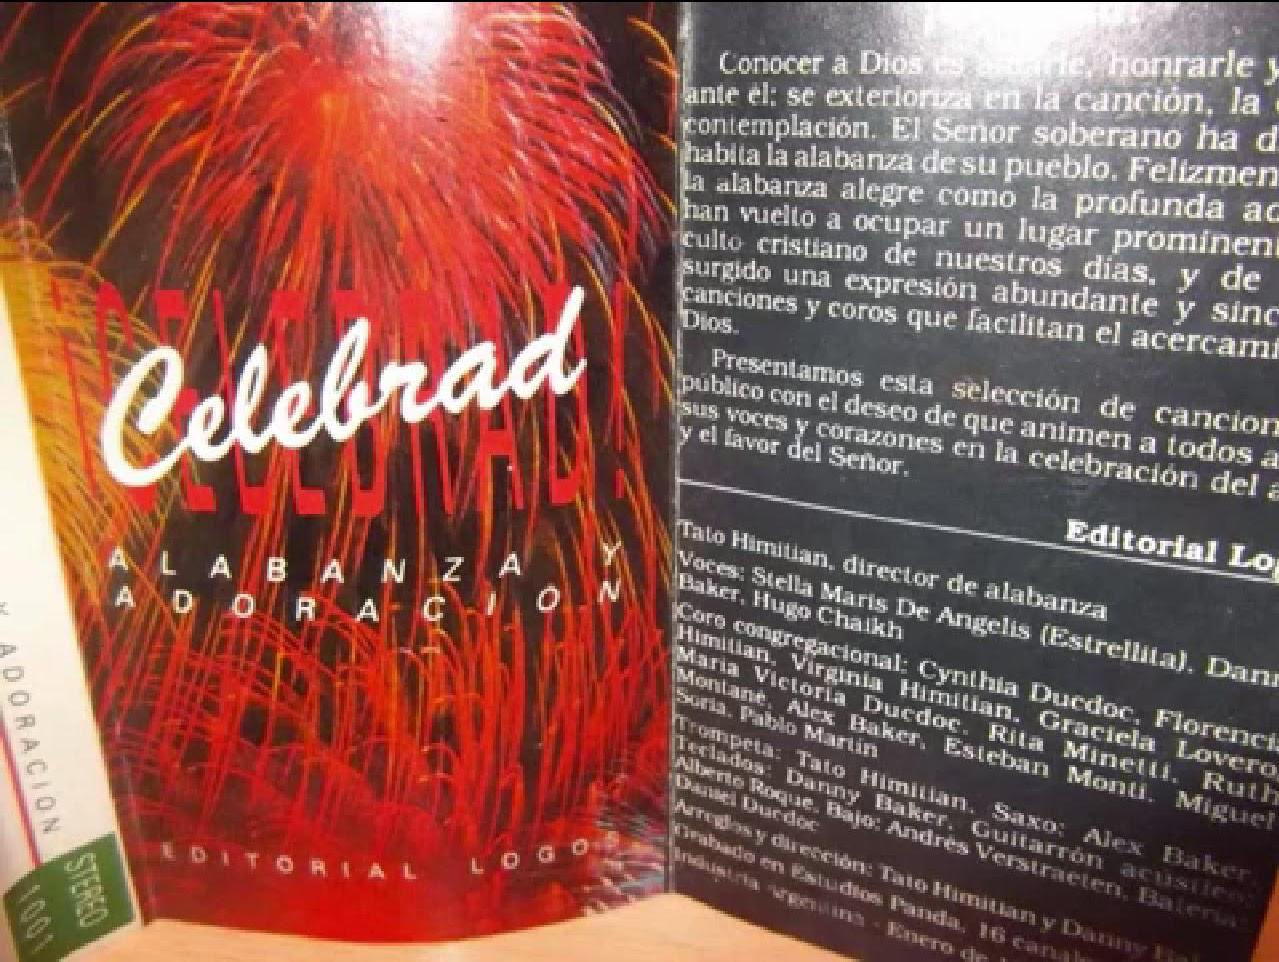 Tato Himitián-Celebrad-